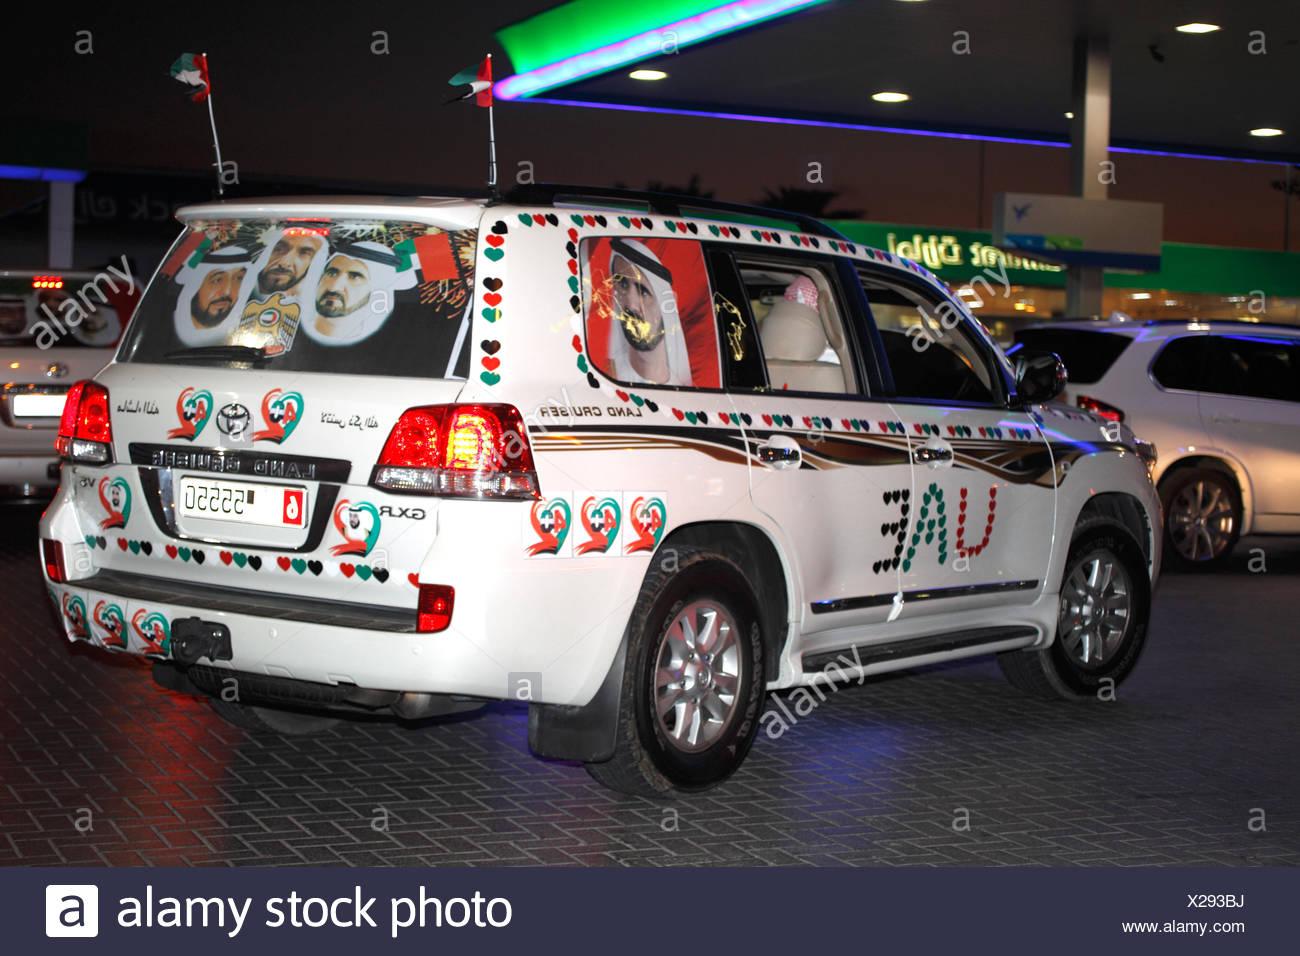 Celebrating National Day, Dubai, UAE. Stock Photo